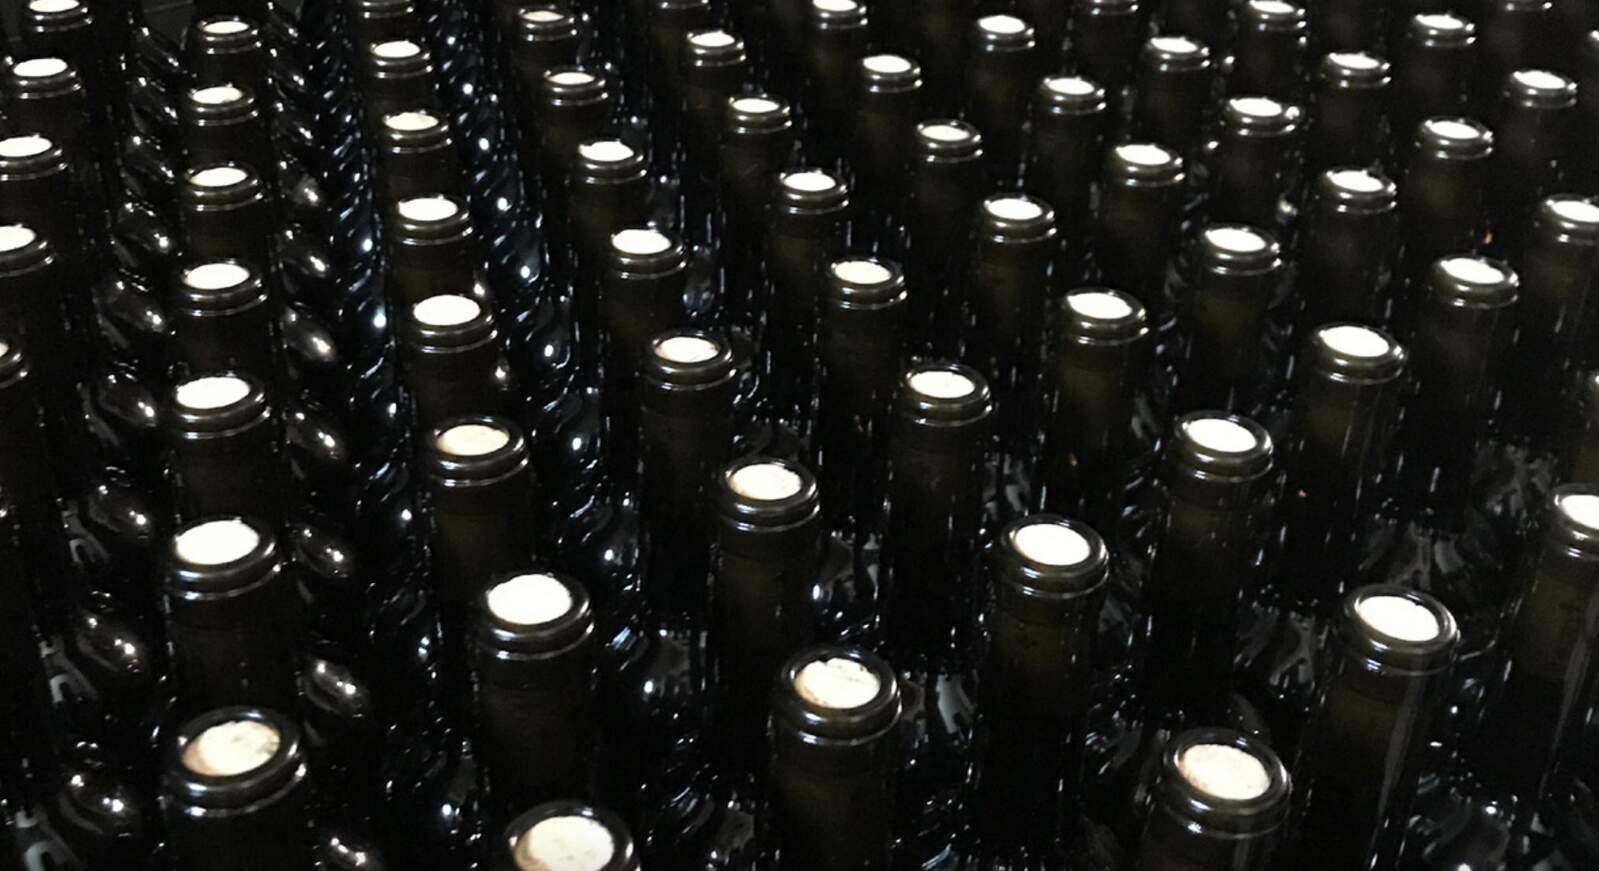 Ampolles de vi reutilitzades a través del programa ReWine